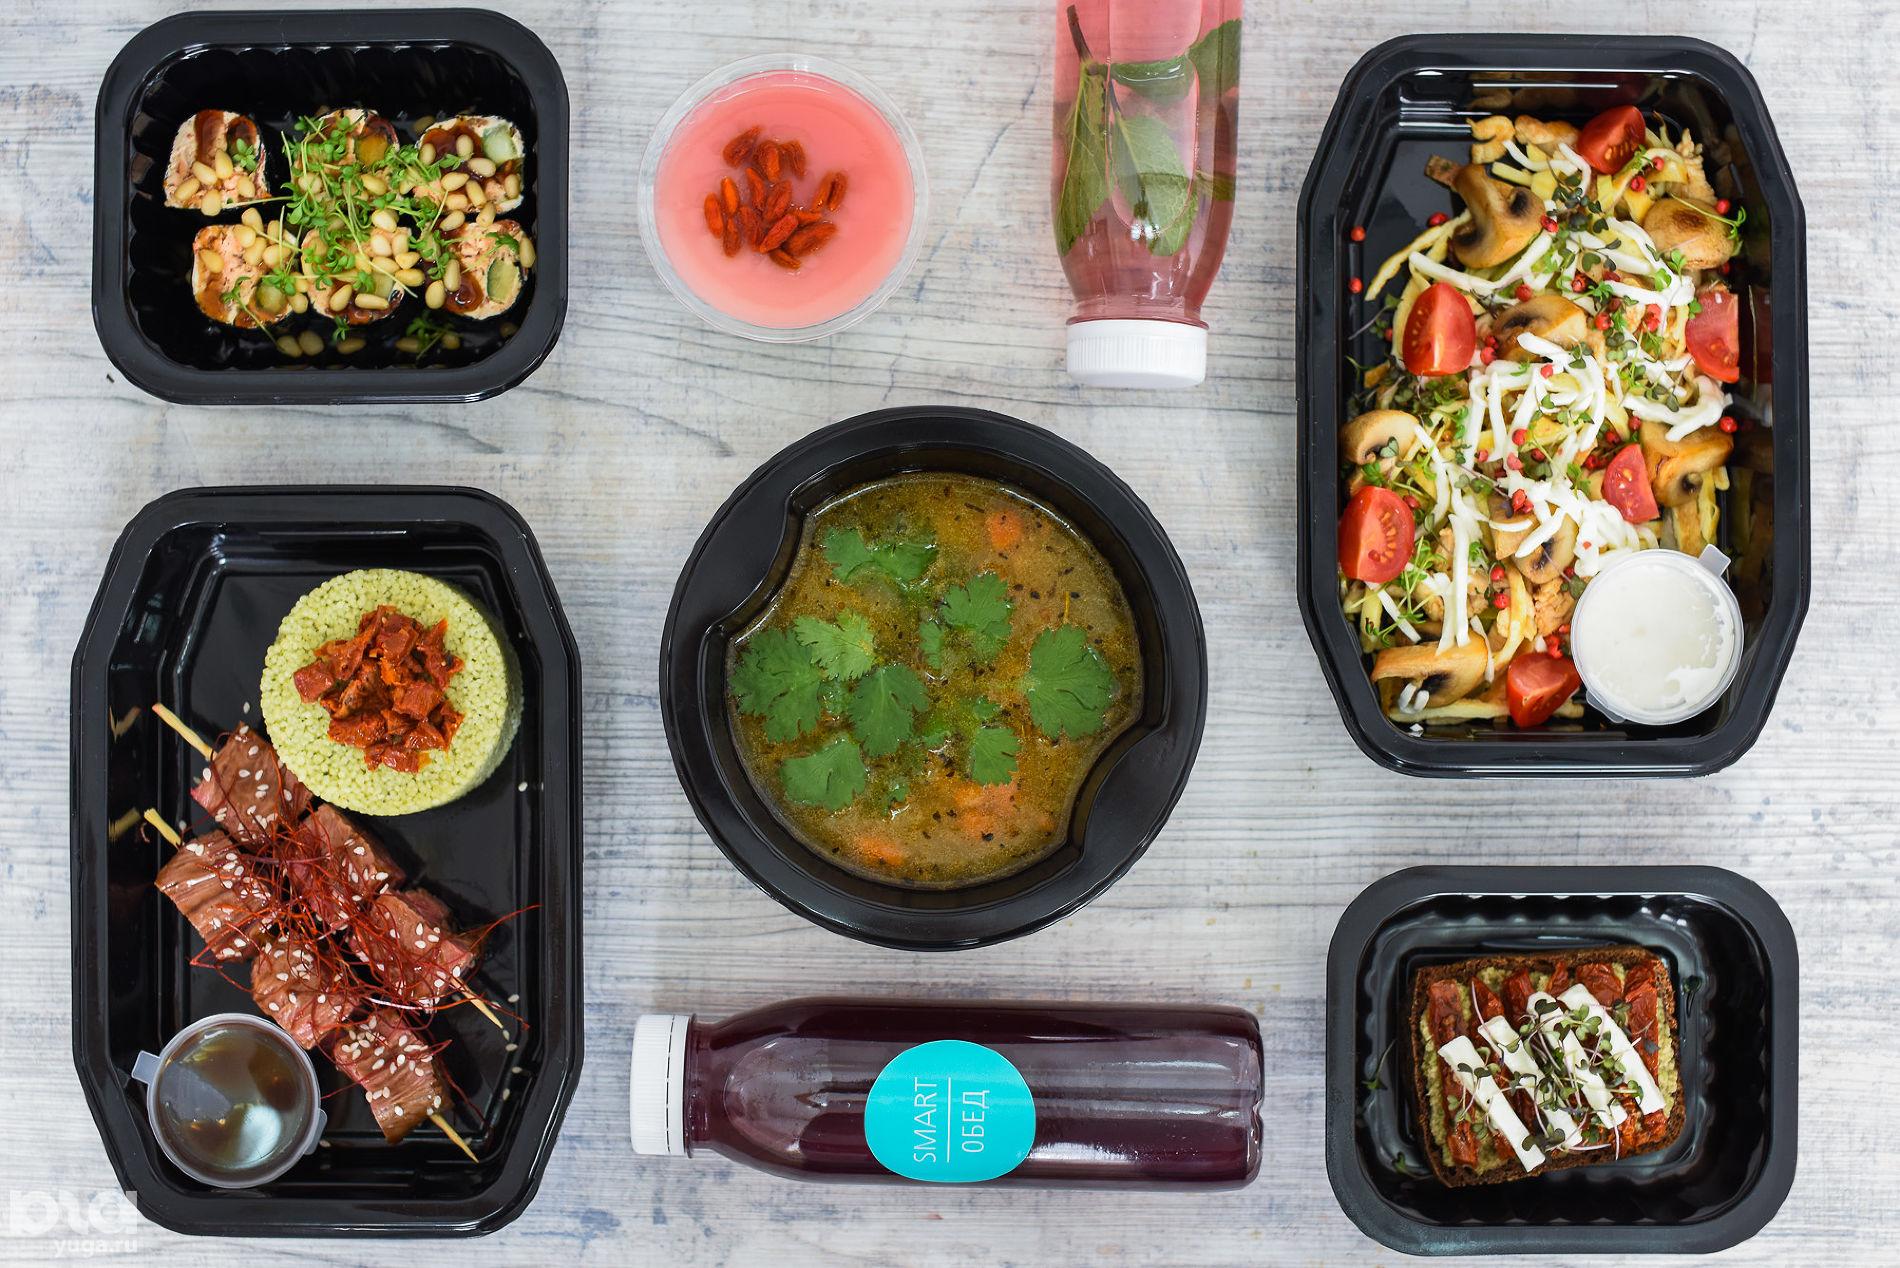 Меню сбалансированного питания на день от Smart Food